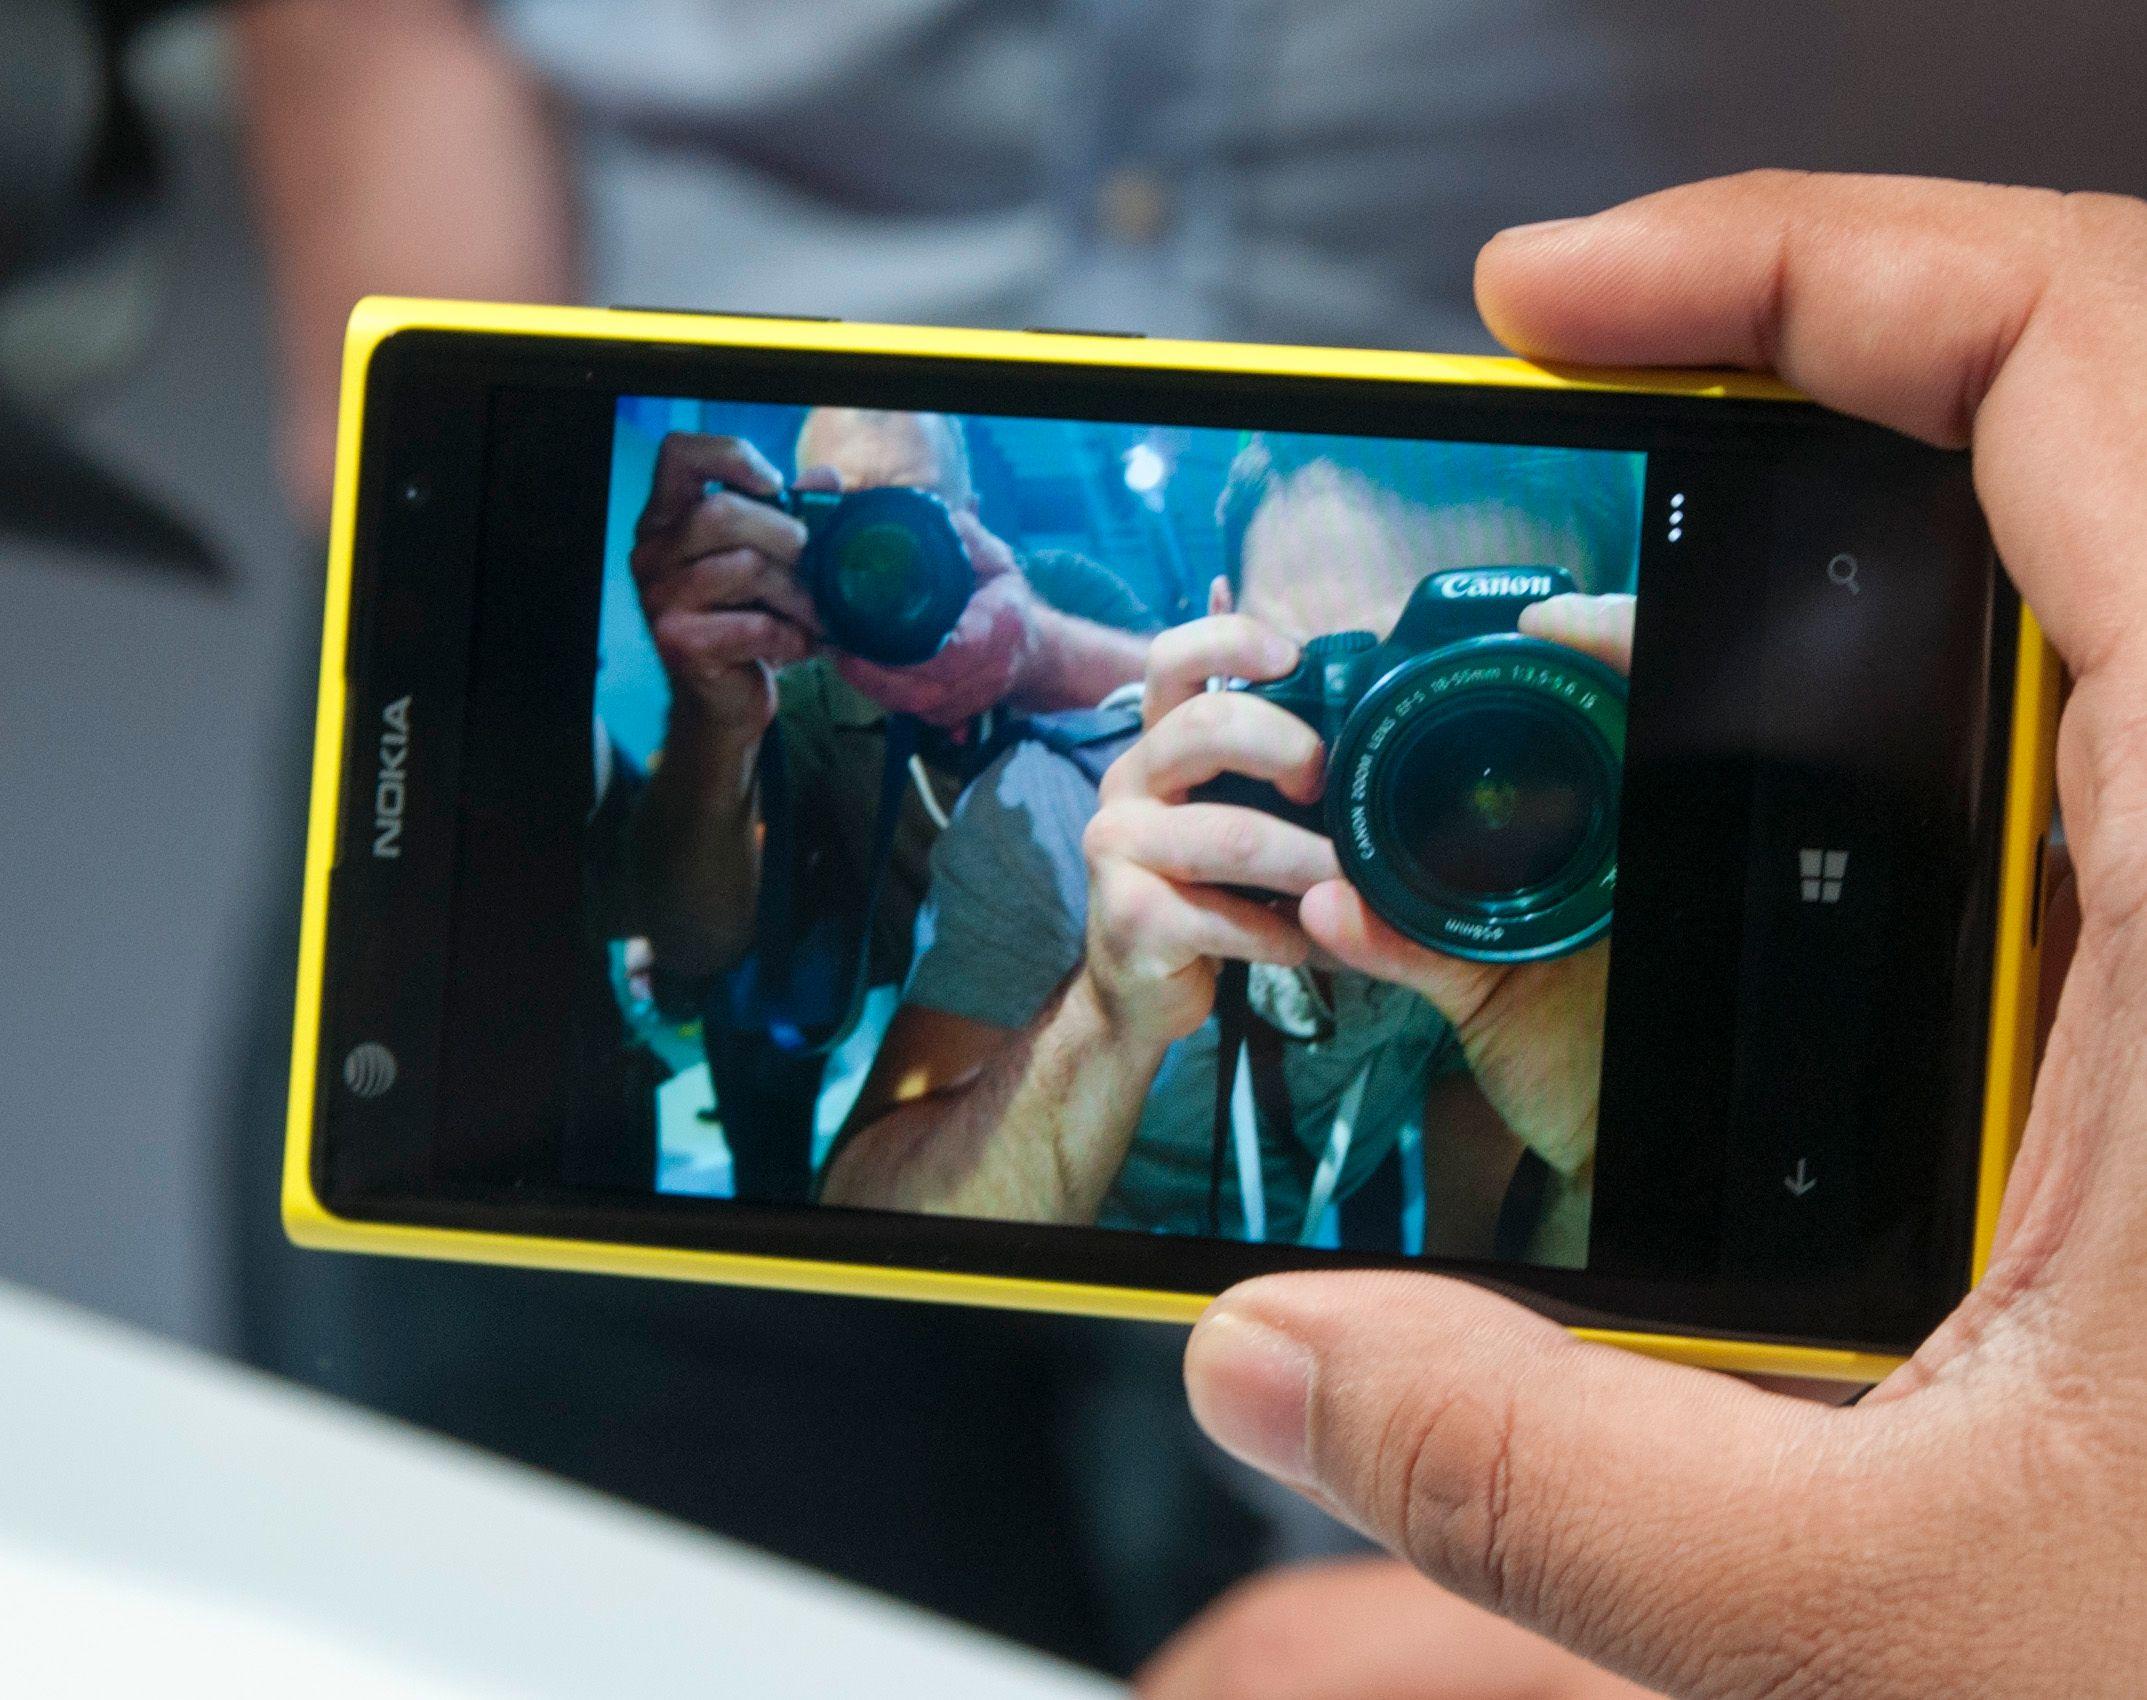 Mange var interesserte i å fotografere den nye telefonen.Foto: Finn Jarle Kvalheim, Amobil.no